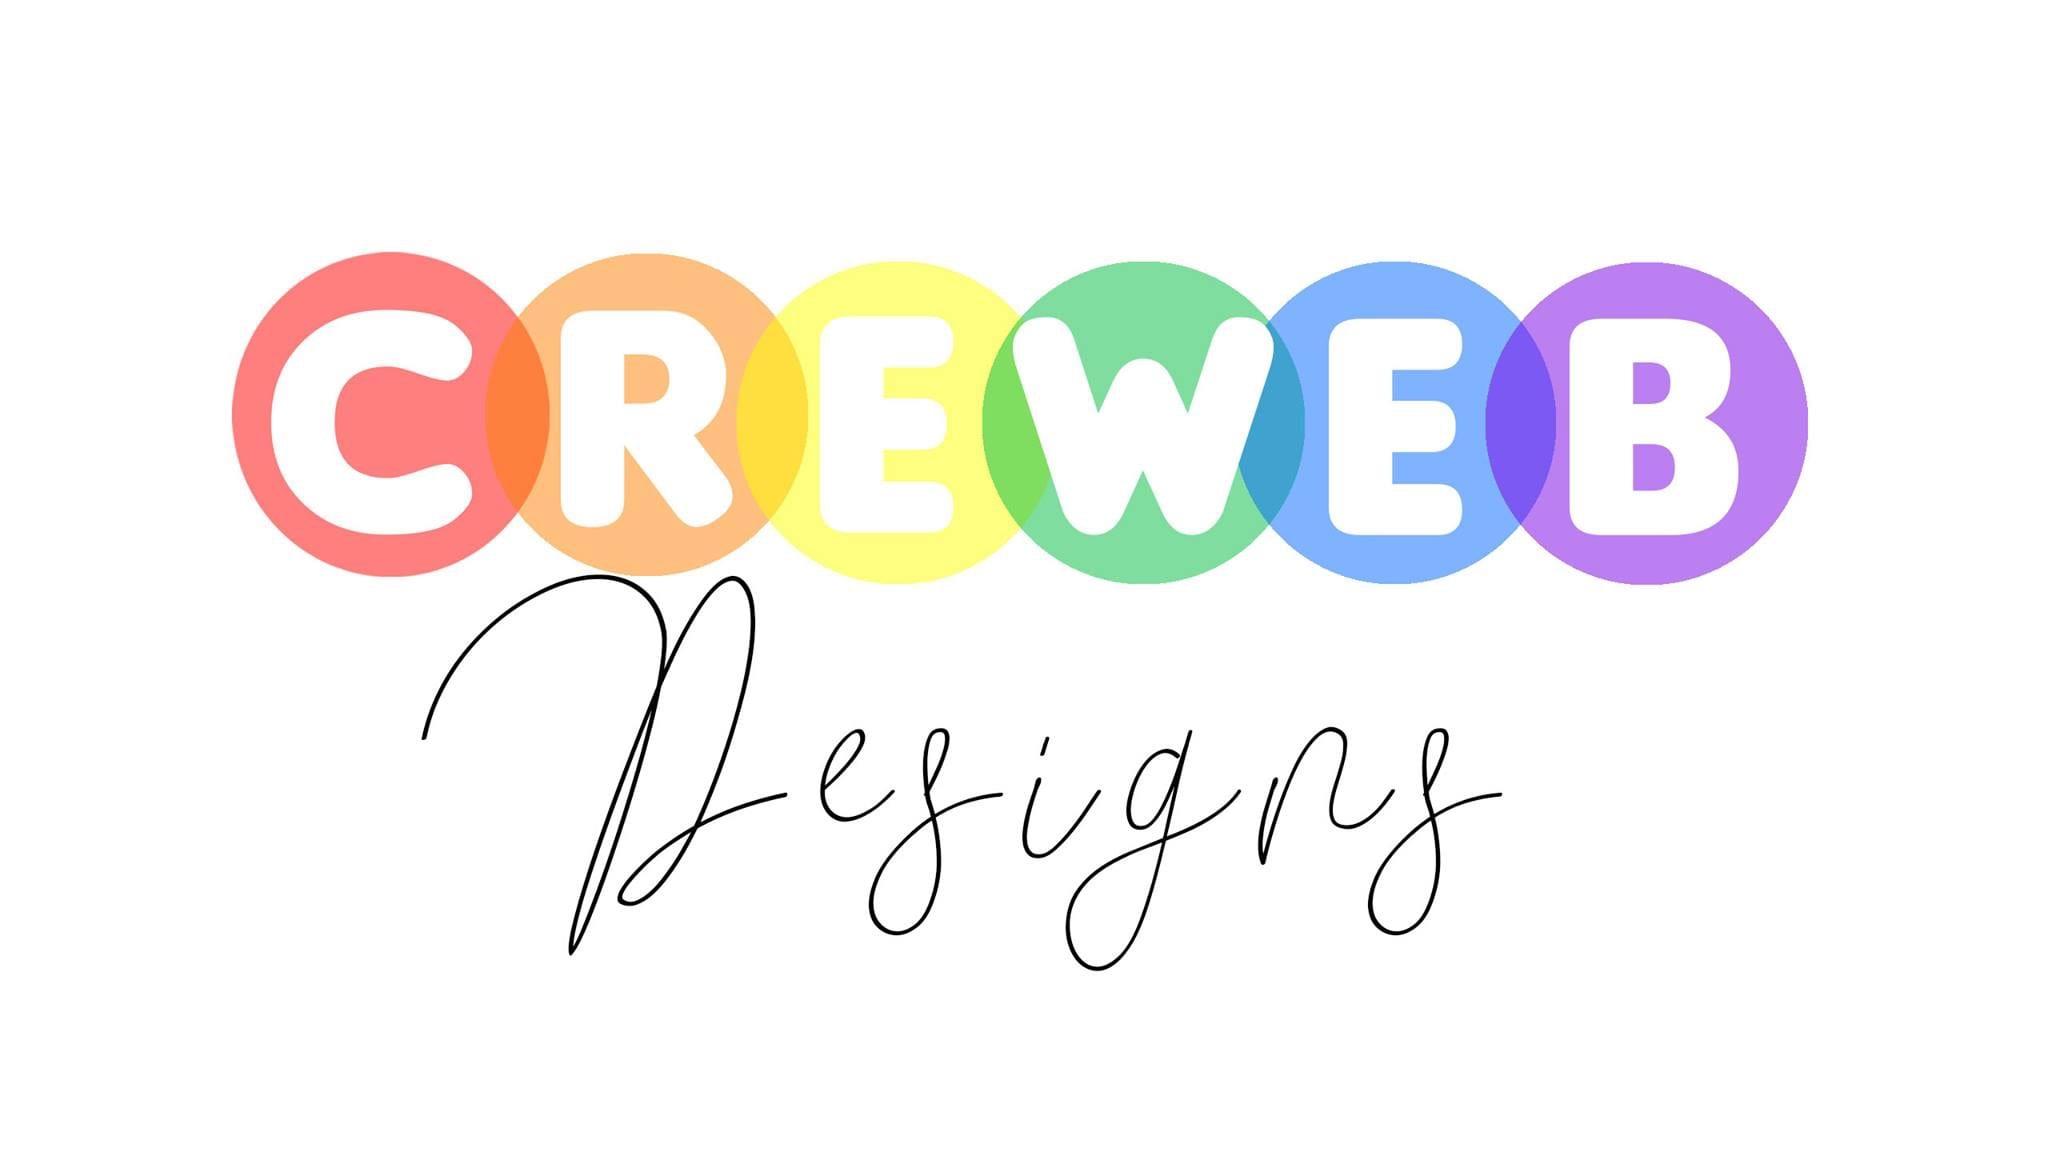 CreWeb Designs